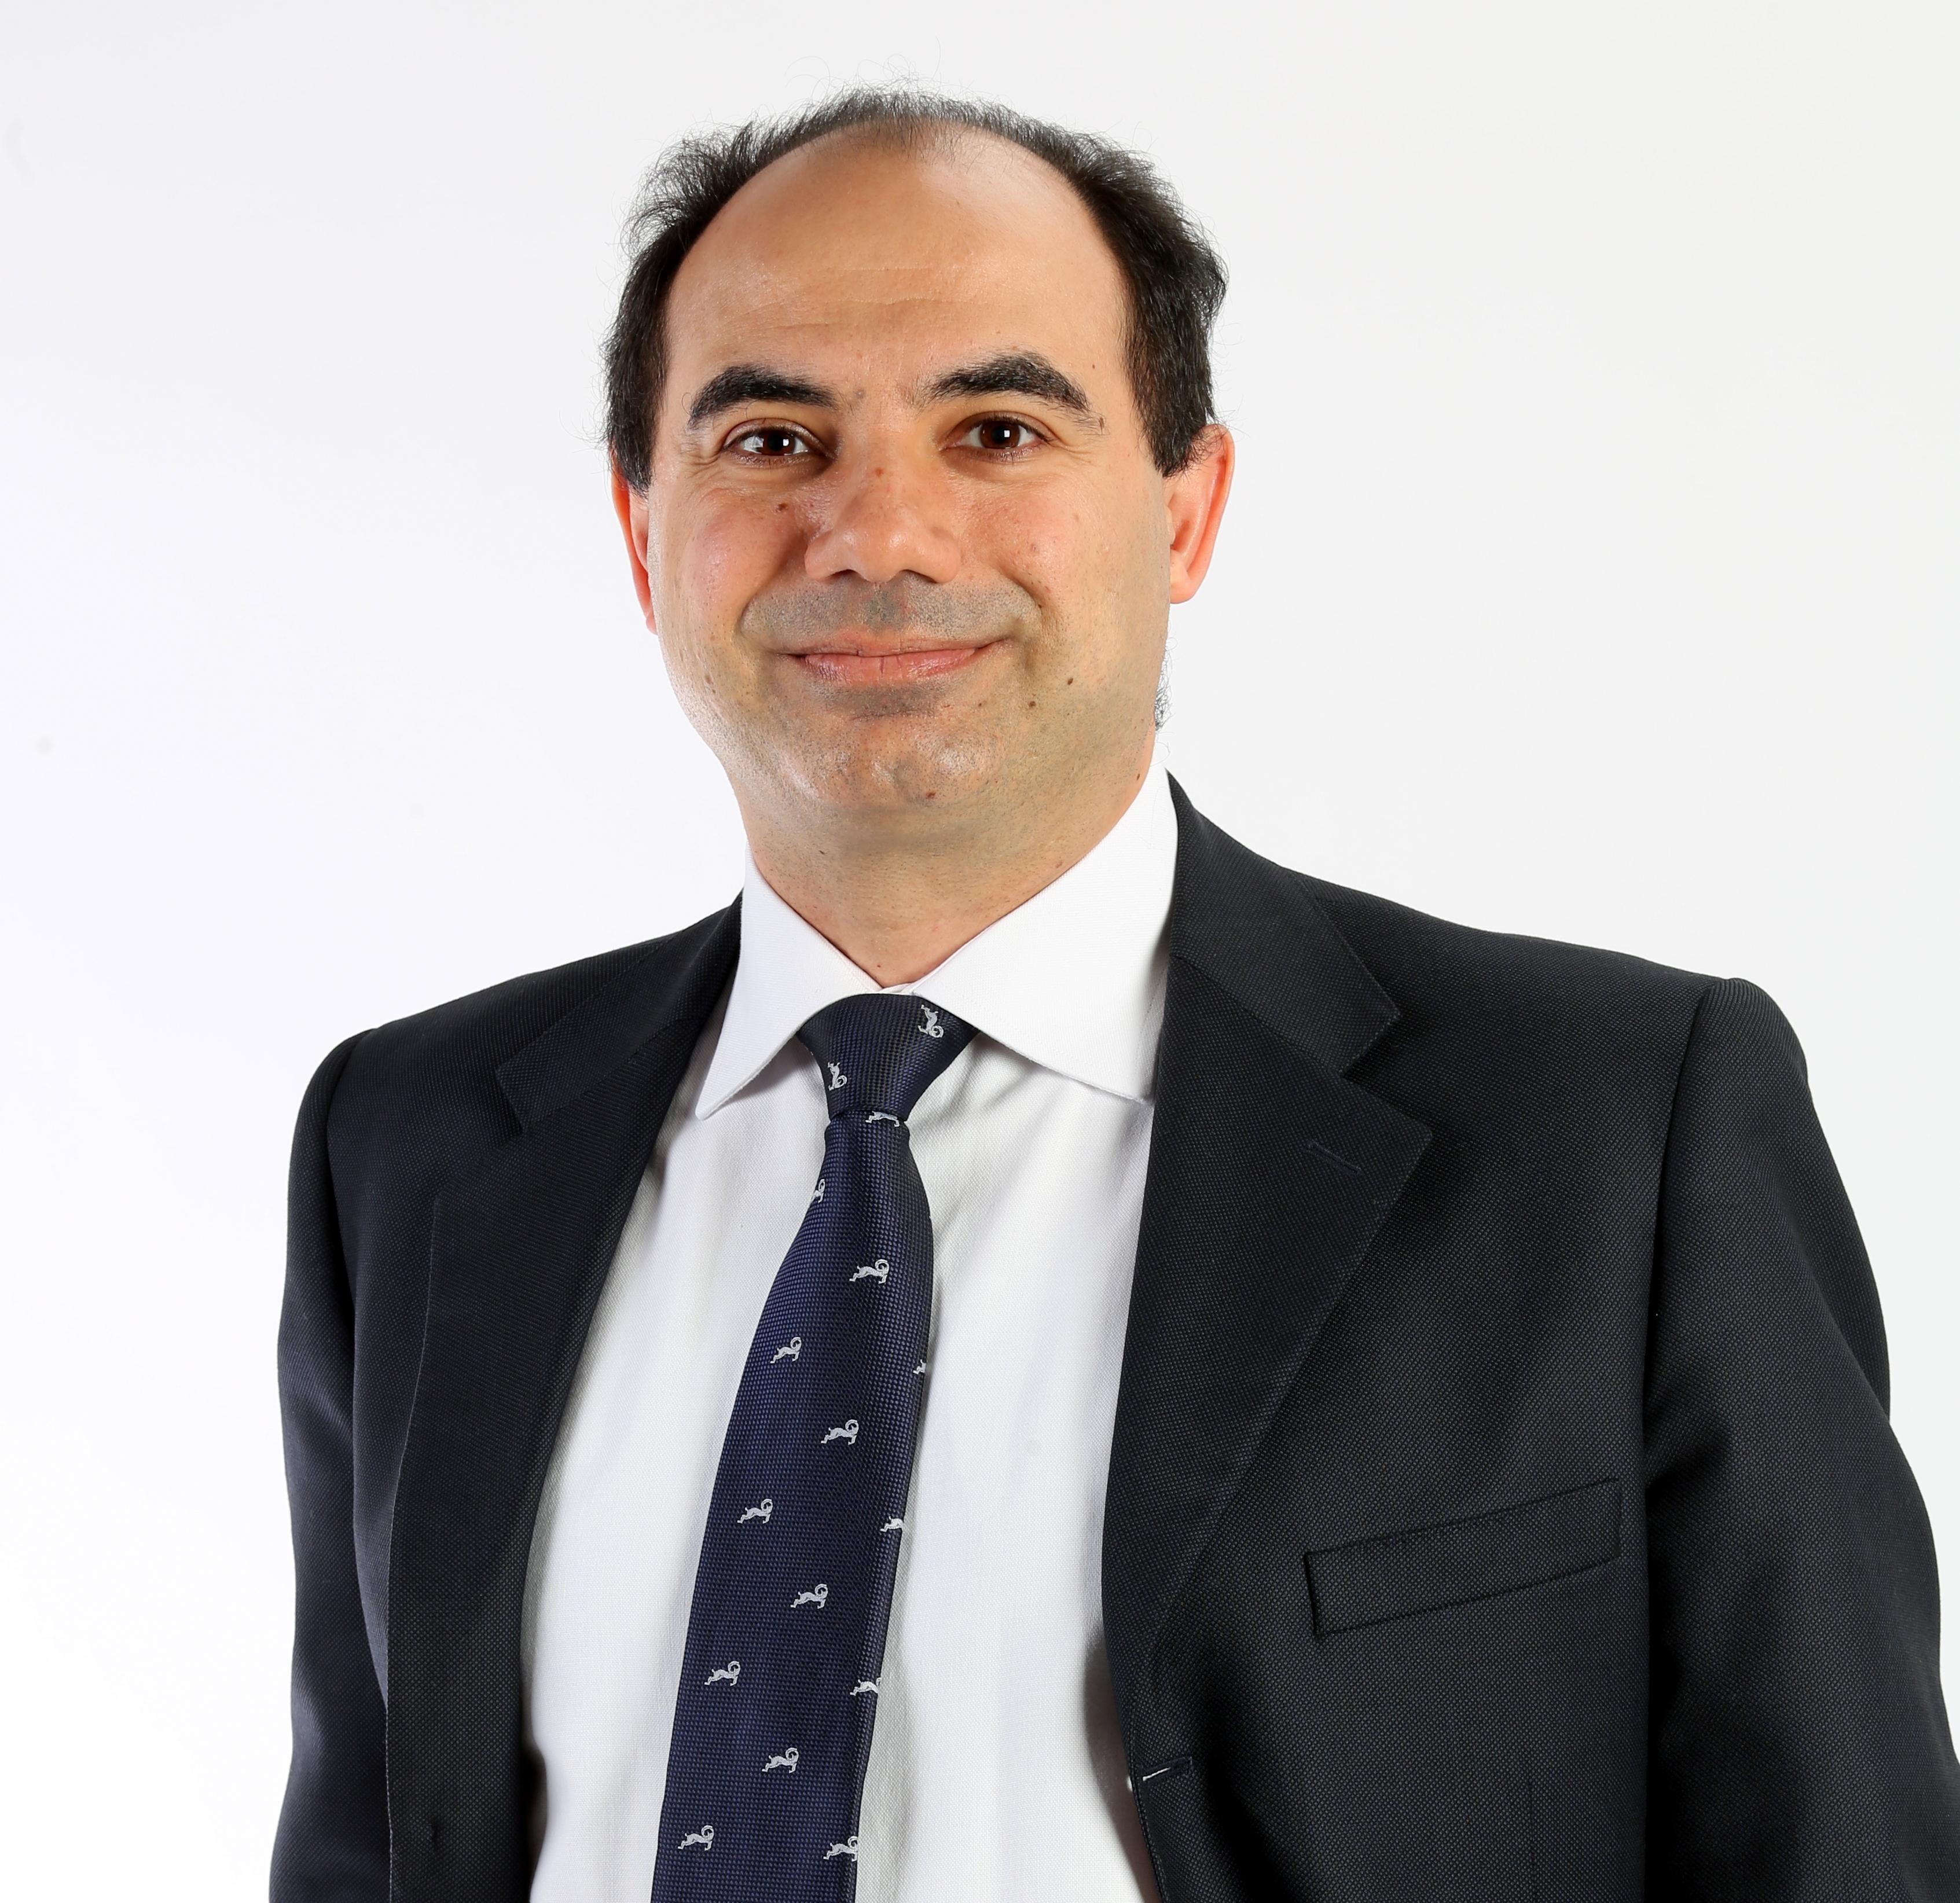 Giulio Vada, Country Manager di G Data per l'Italia